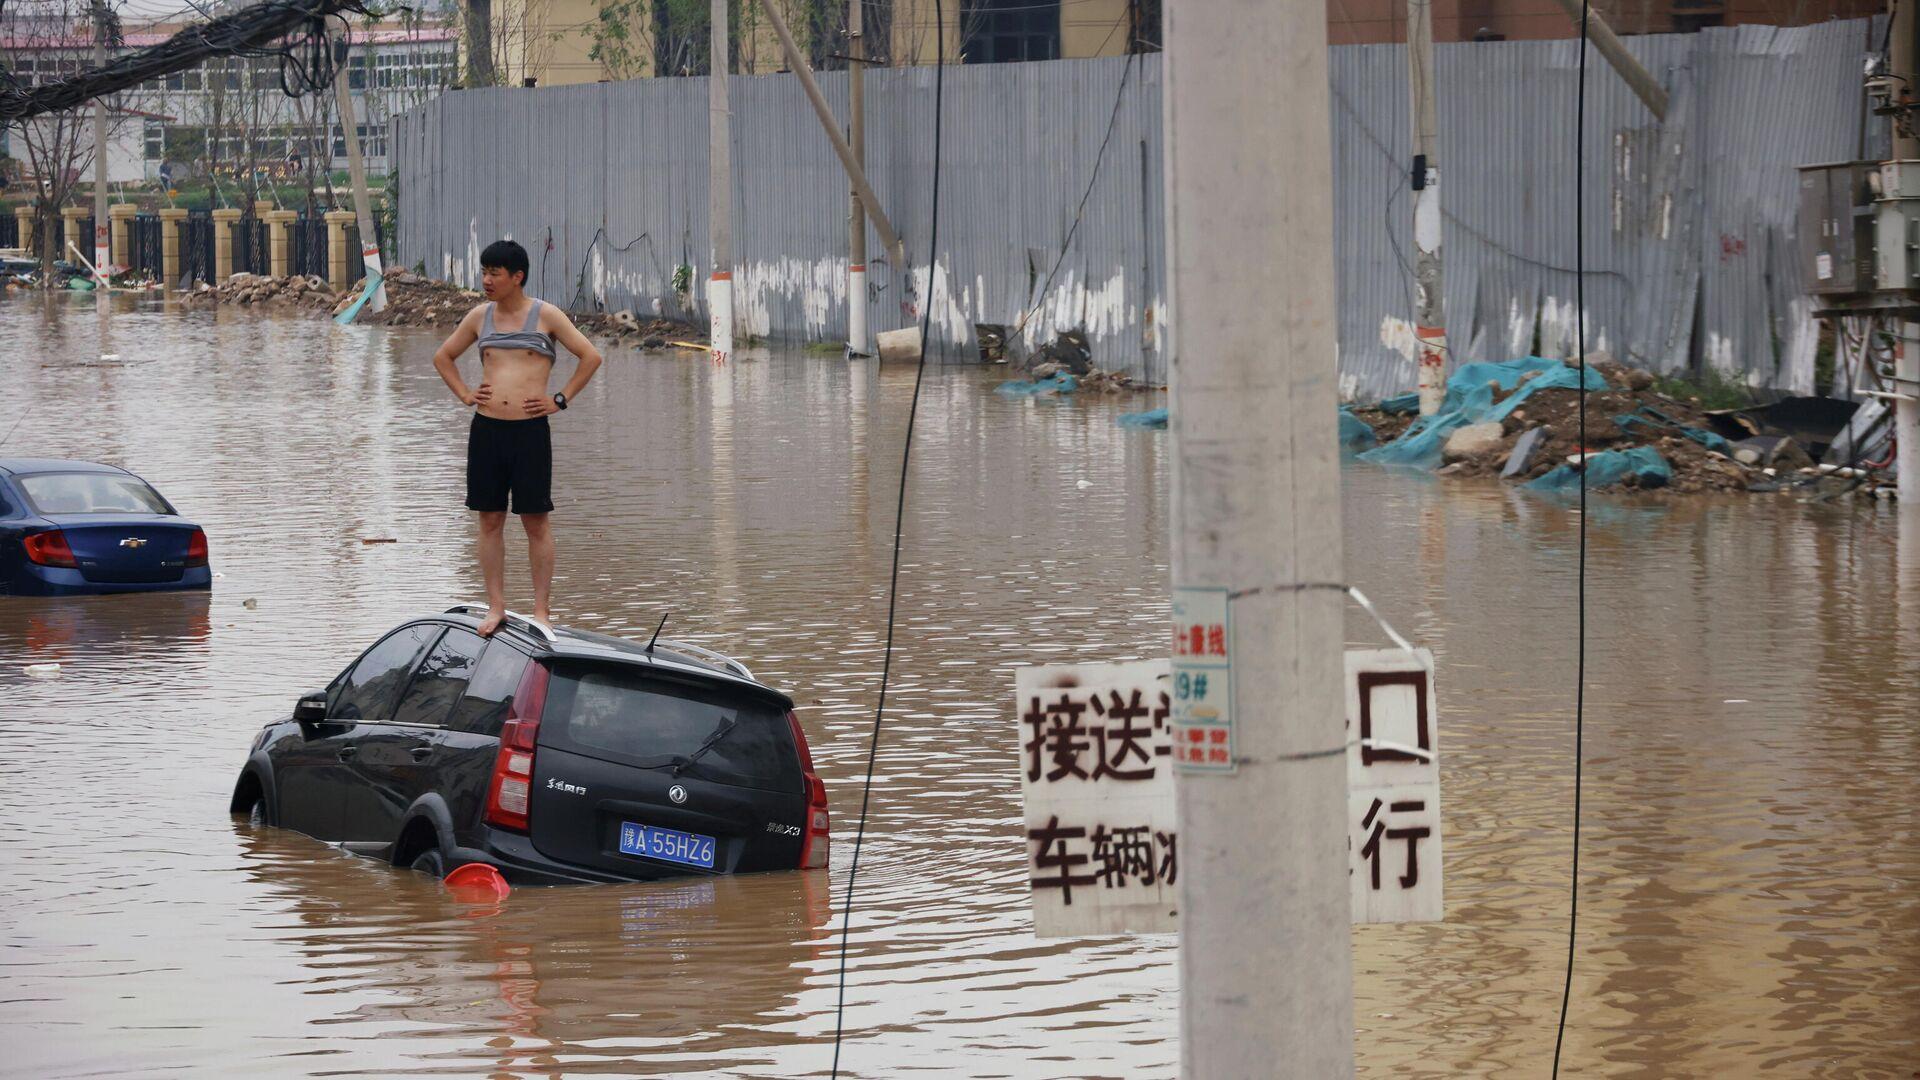 Наводнение после дождя в Чжэнчжоу провинции Хэнань - РИА Новости, 1920, 02.08.2021